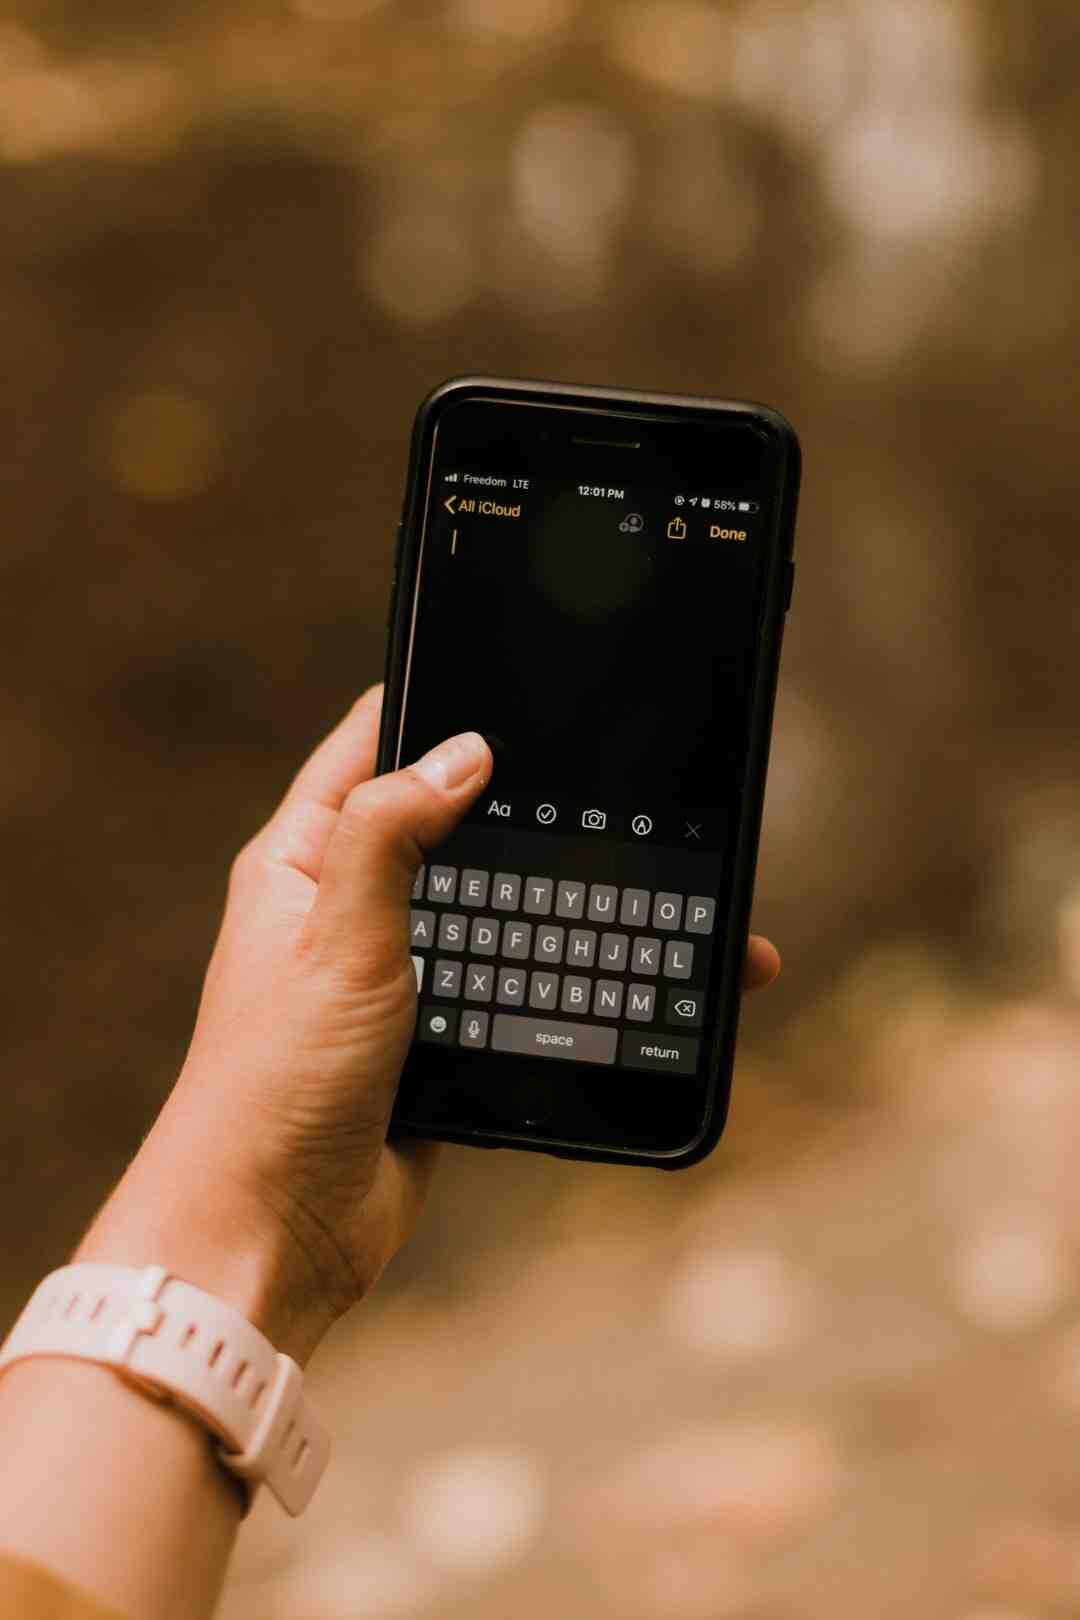 ¿Cómo desbloquear una nota del iPhone?